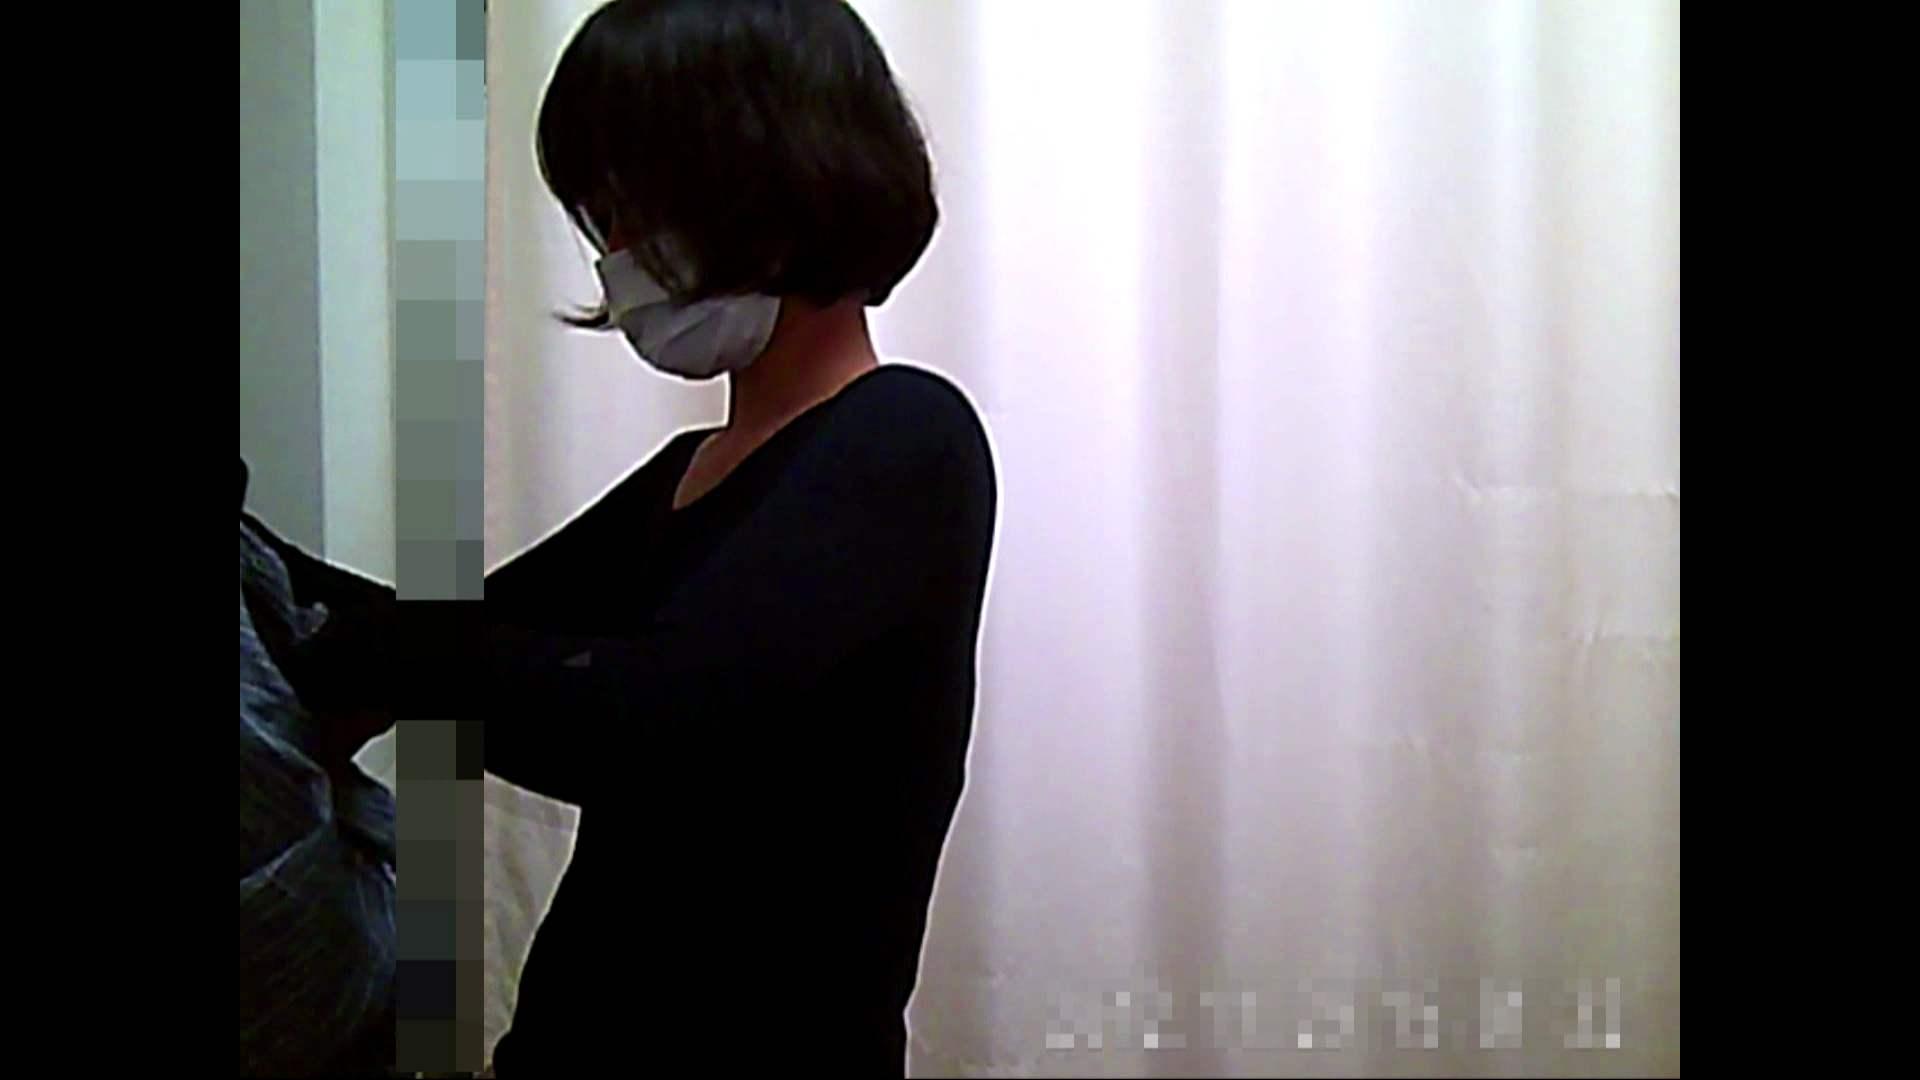 元医者による反抗 更衣室地獄絵巻 vol.132 OL  65pic 17